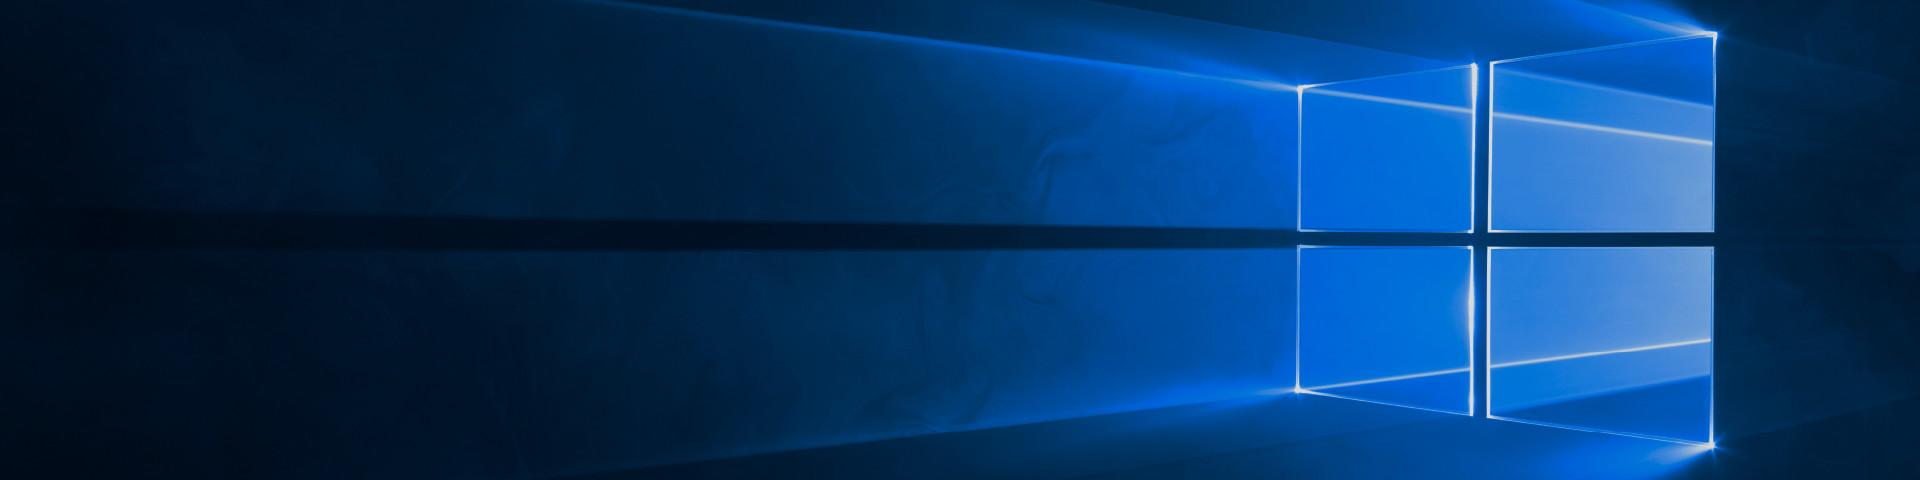 Nu kan du ladda ned Windows 10 utan kostnad.*